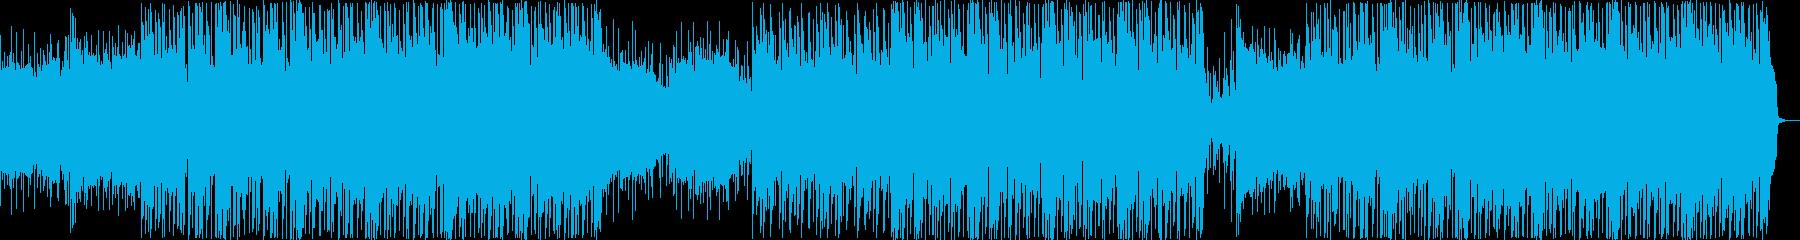 法人 アクション 技術的な 説明的...の再生済みの波形